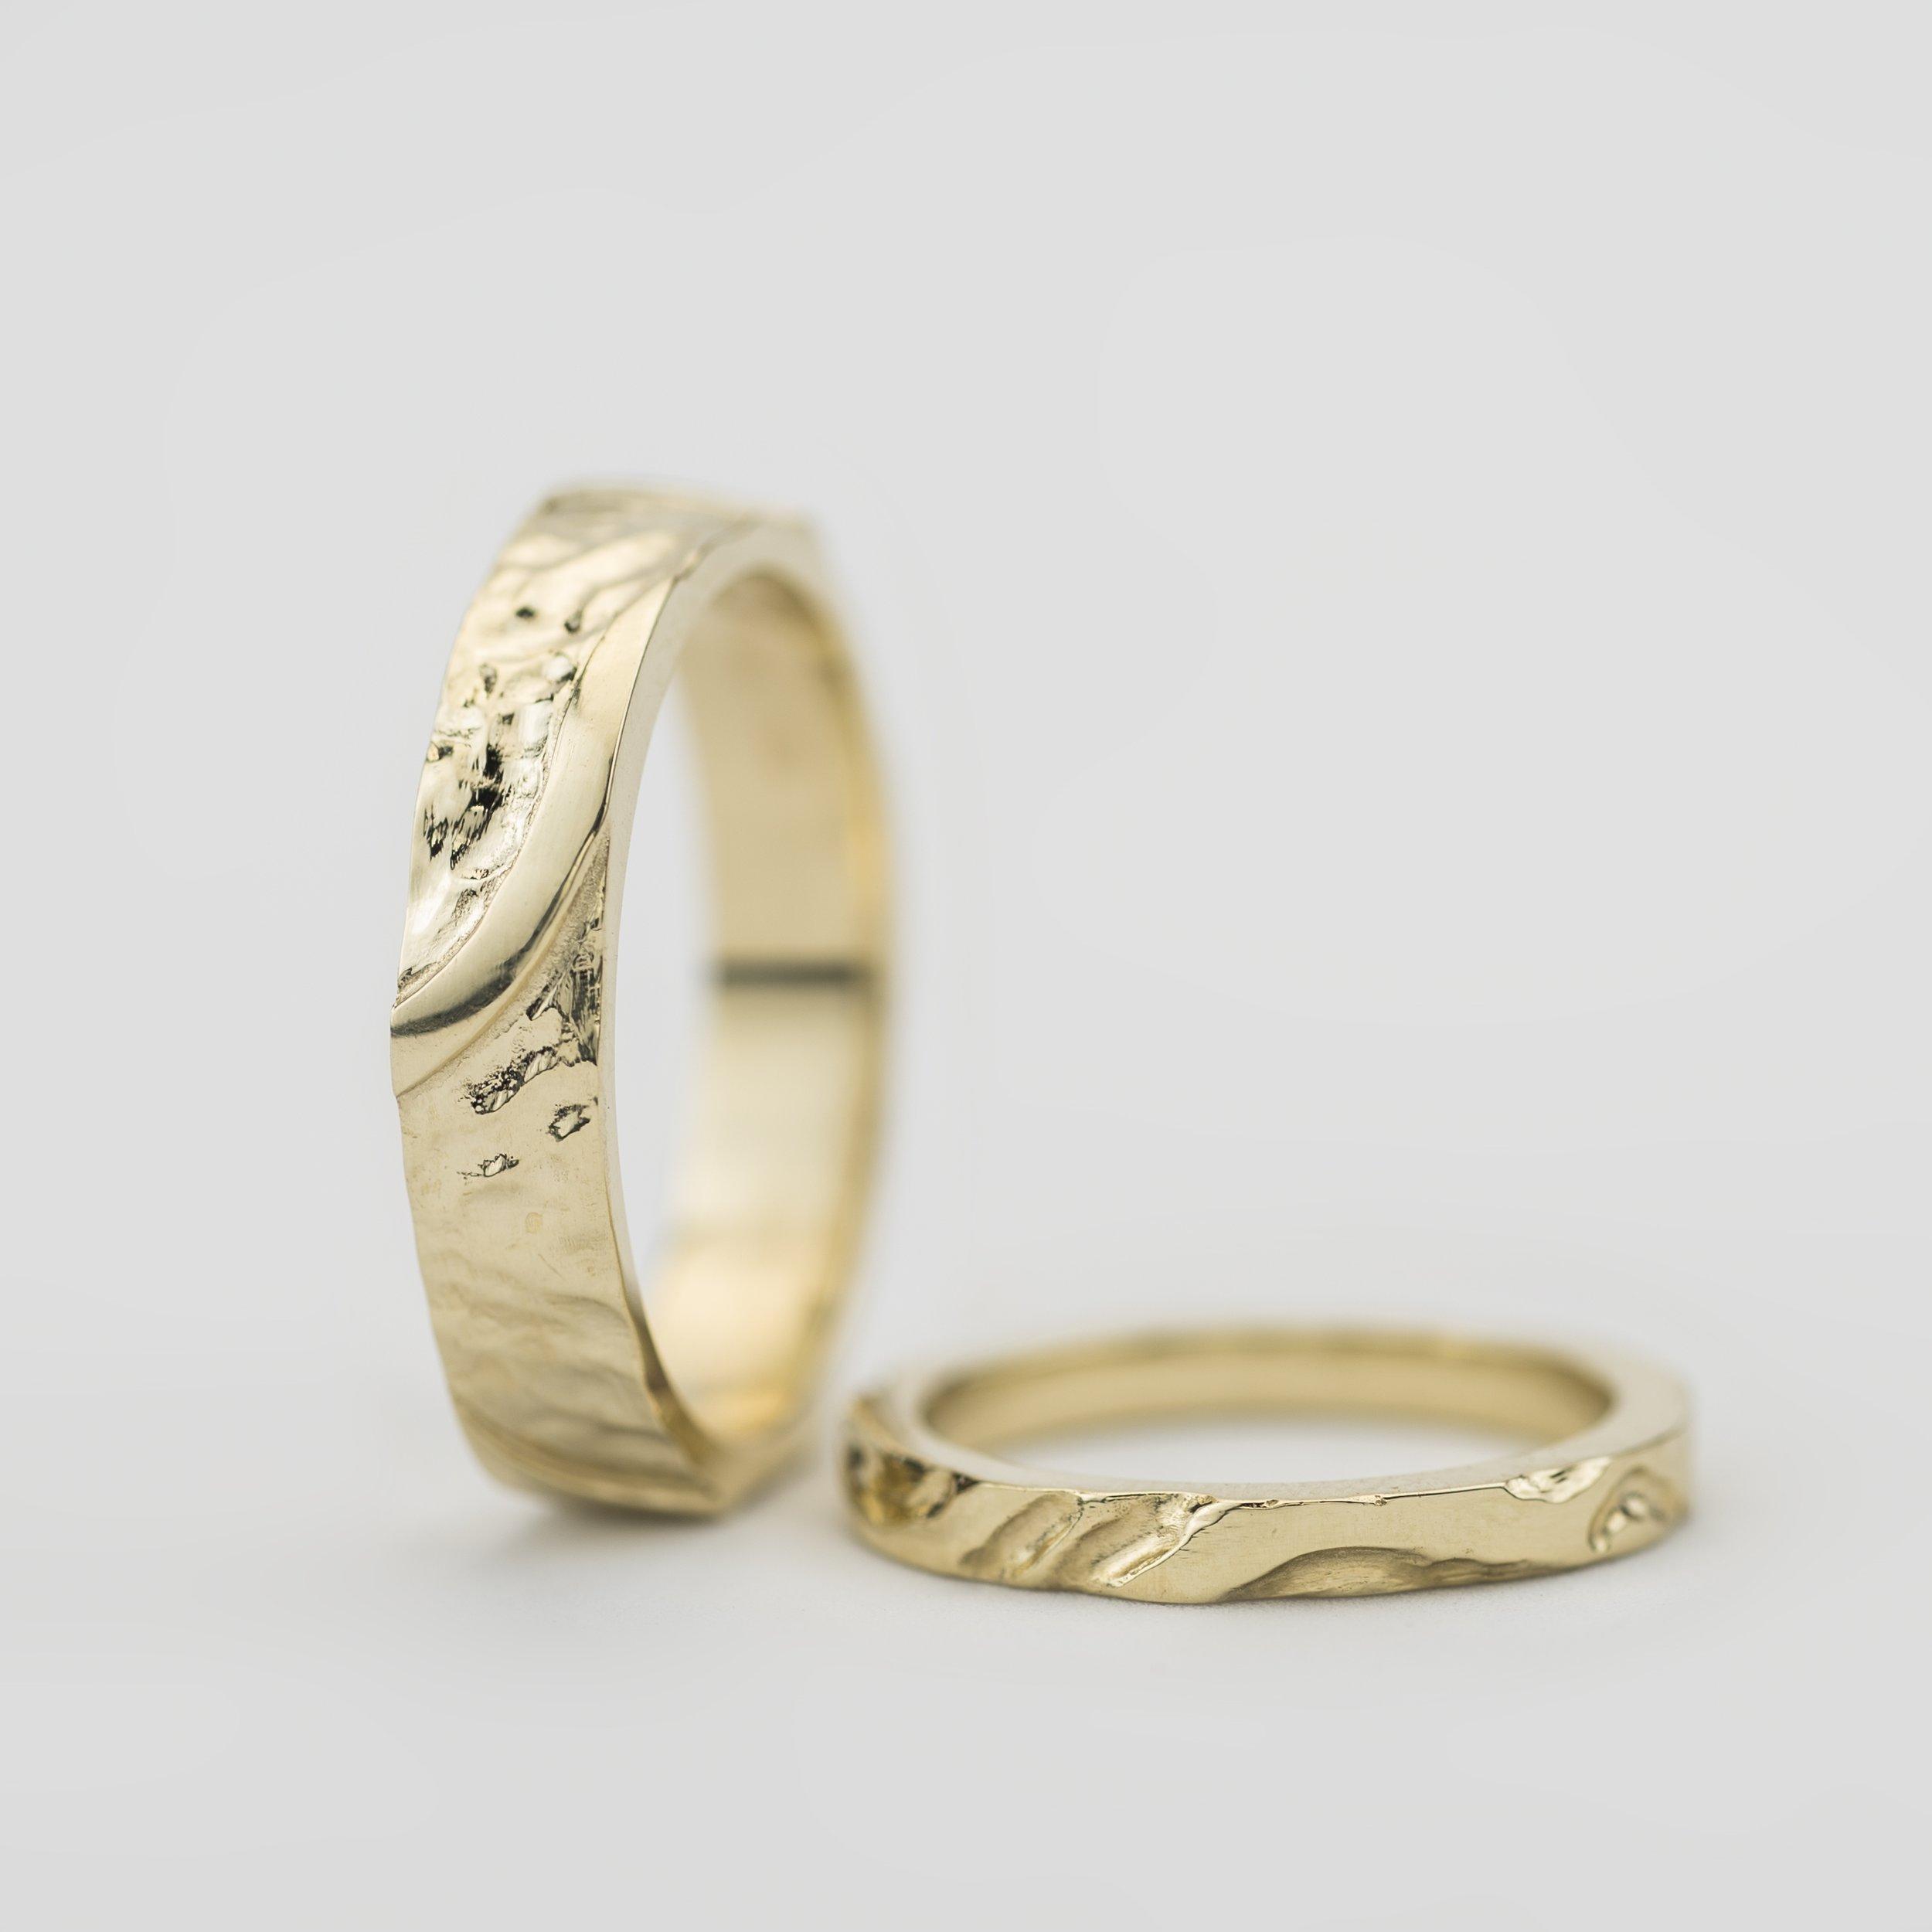 Soild gold hand made rings by Martina Hamilton